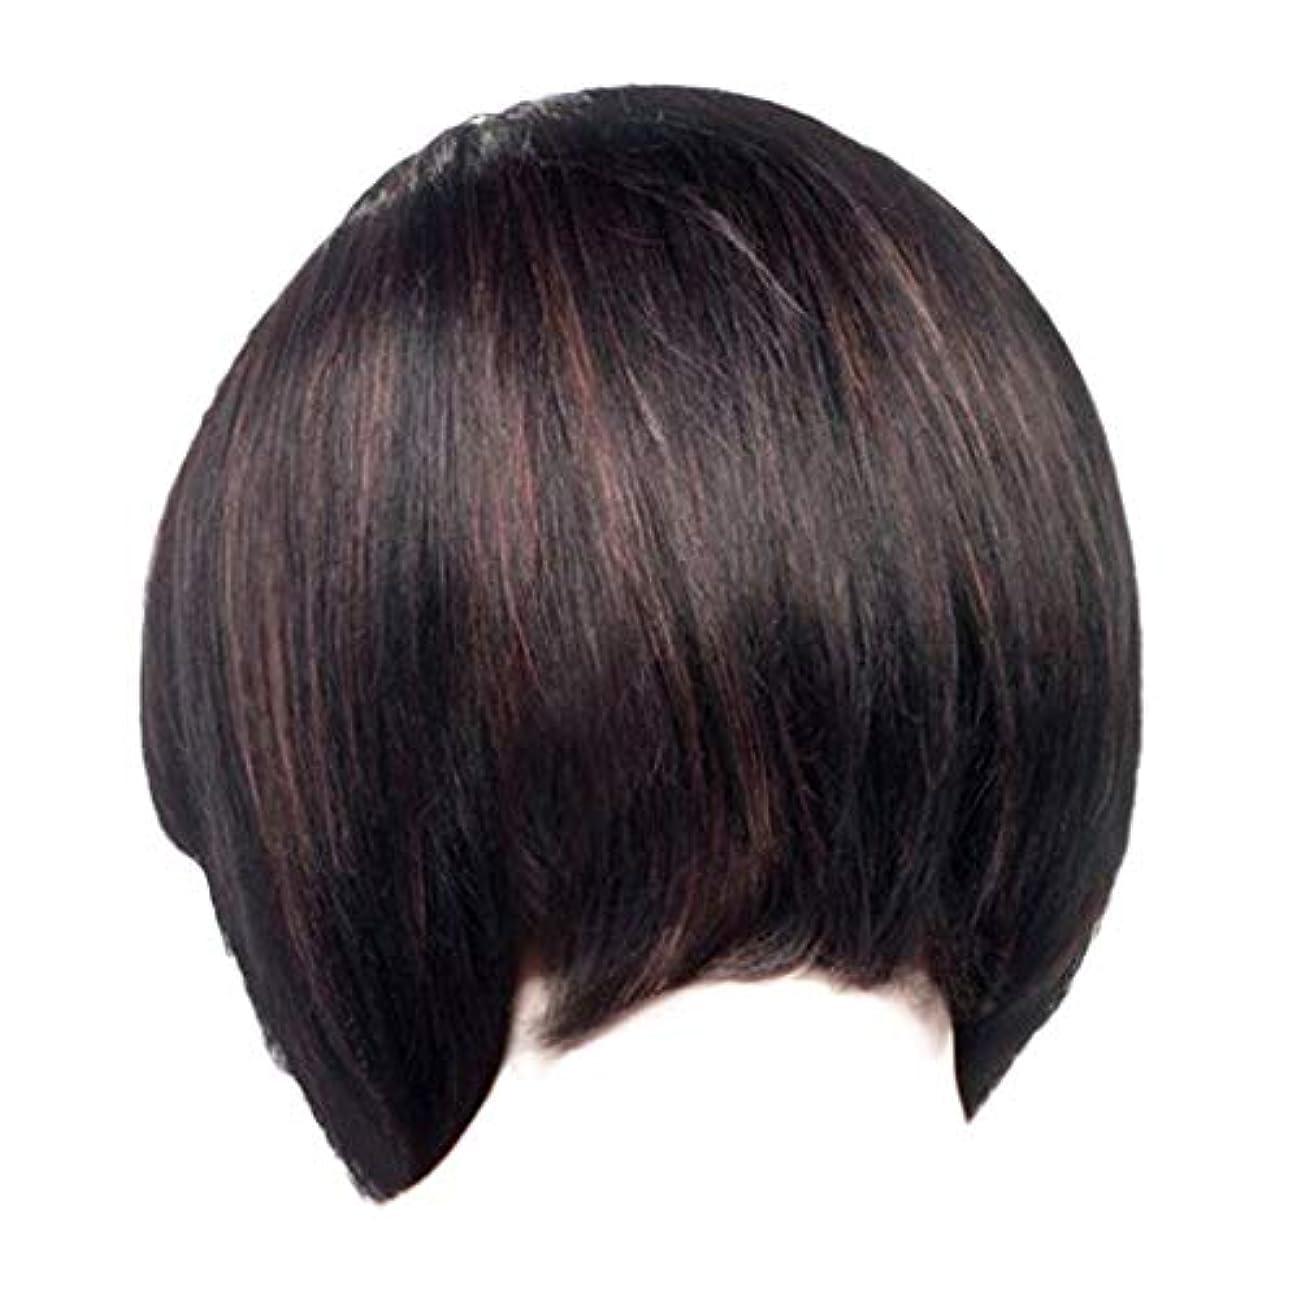 唯一優雅ビジュアルウィッグレディースファッションブラックショートストレートヘアナチュラルウィッグローズヘアネット